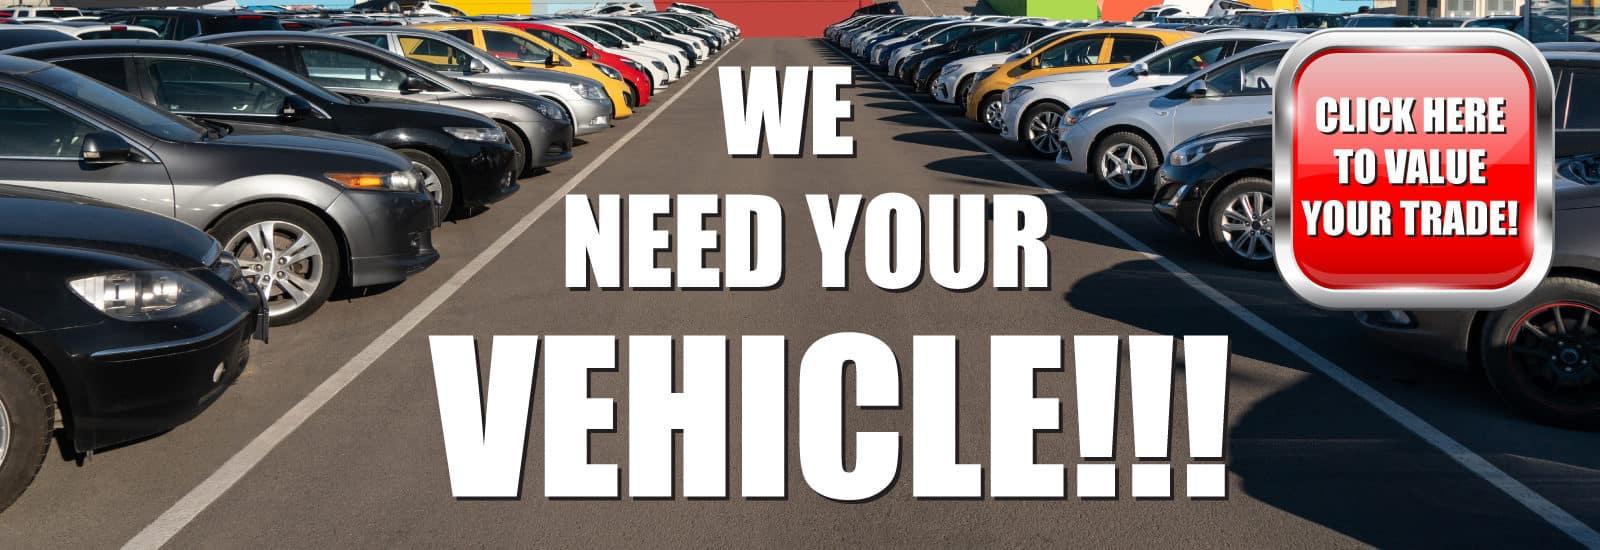 MAYWe-Need-Your-Vehicle-Web-Banner-1600×550